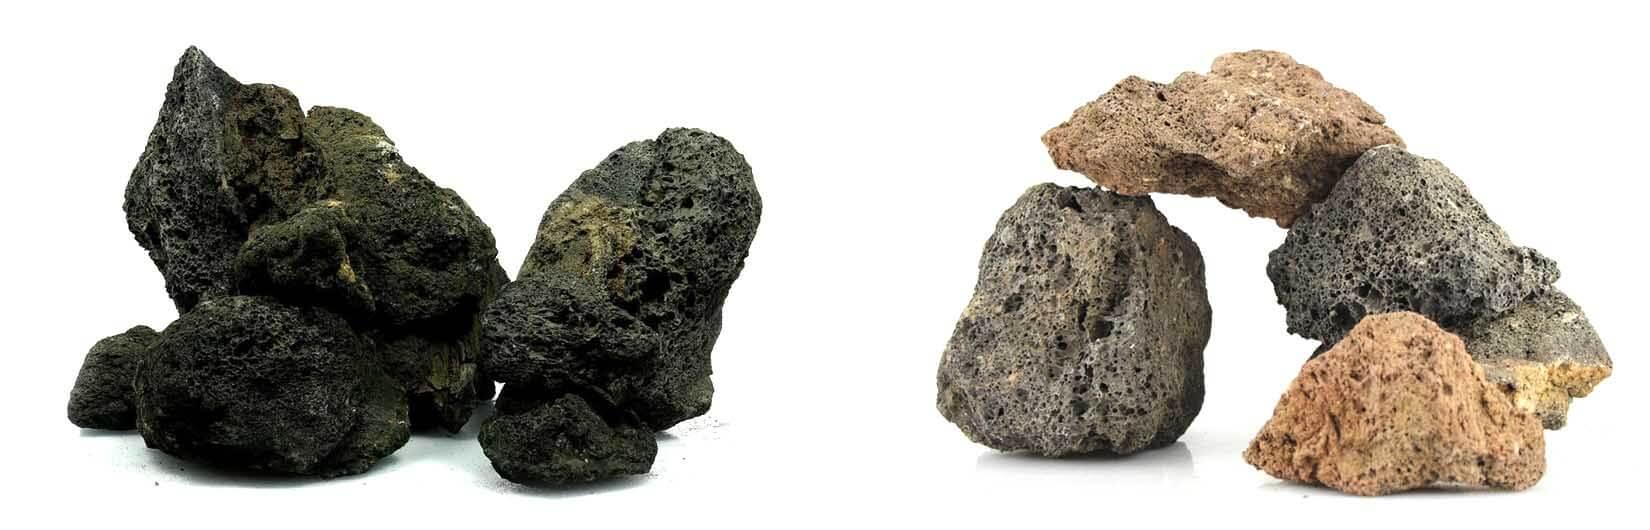 Укрытие-пещера из кусков лавы